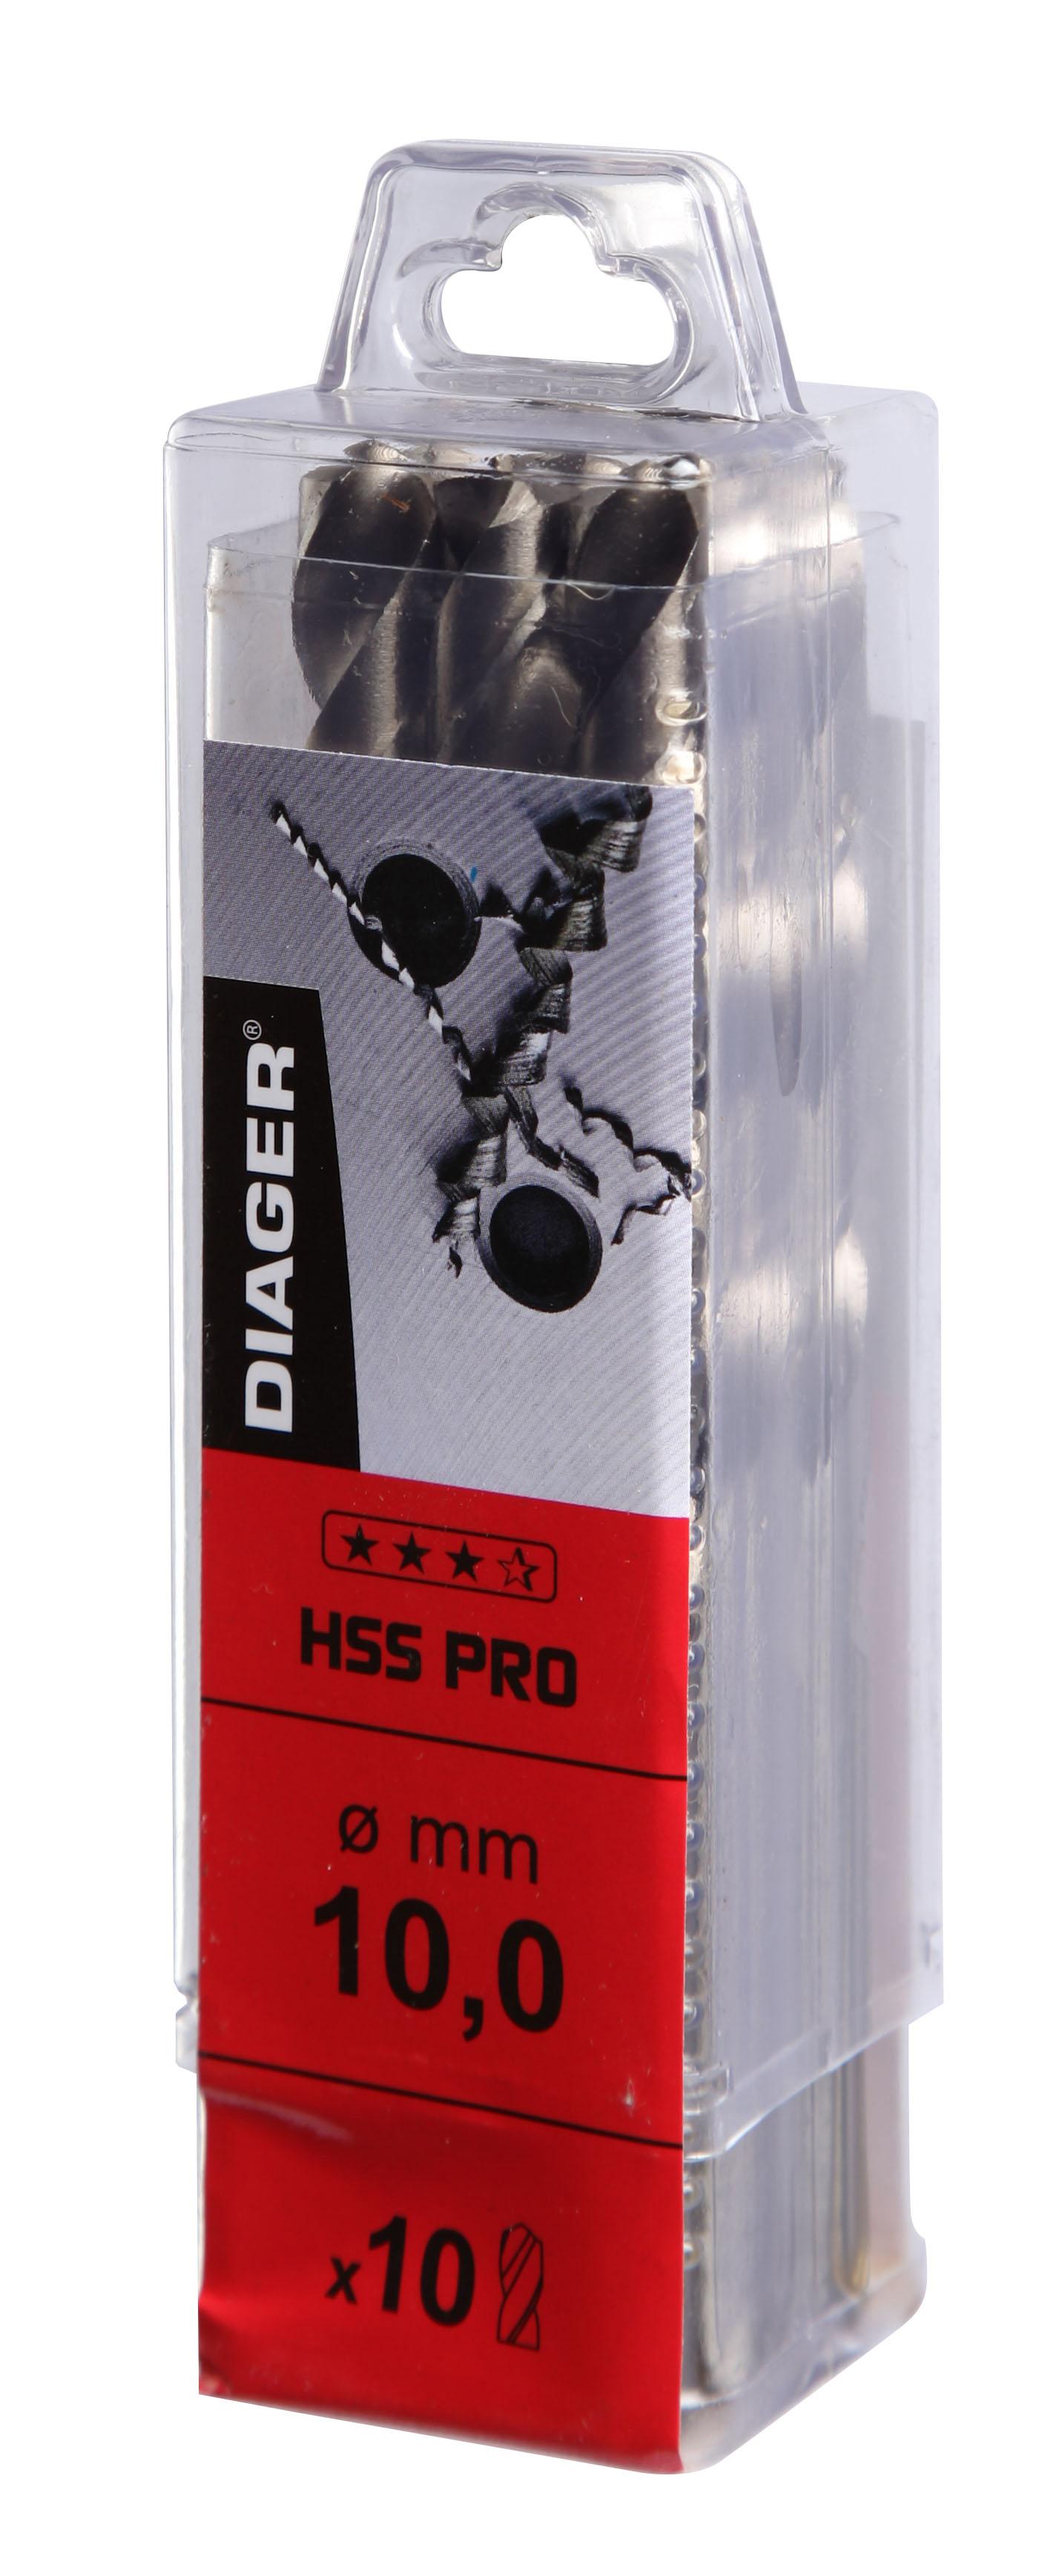 Perçage PRO Pack 2 ; 5 ou 10 forets HSS qualité Pro Série Courte - 726.jpg